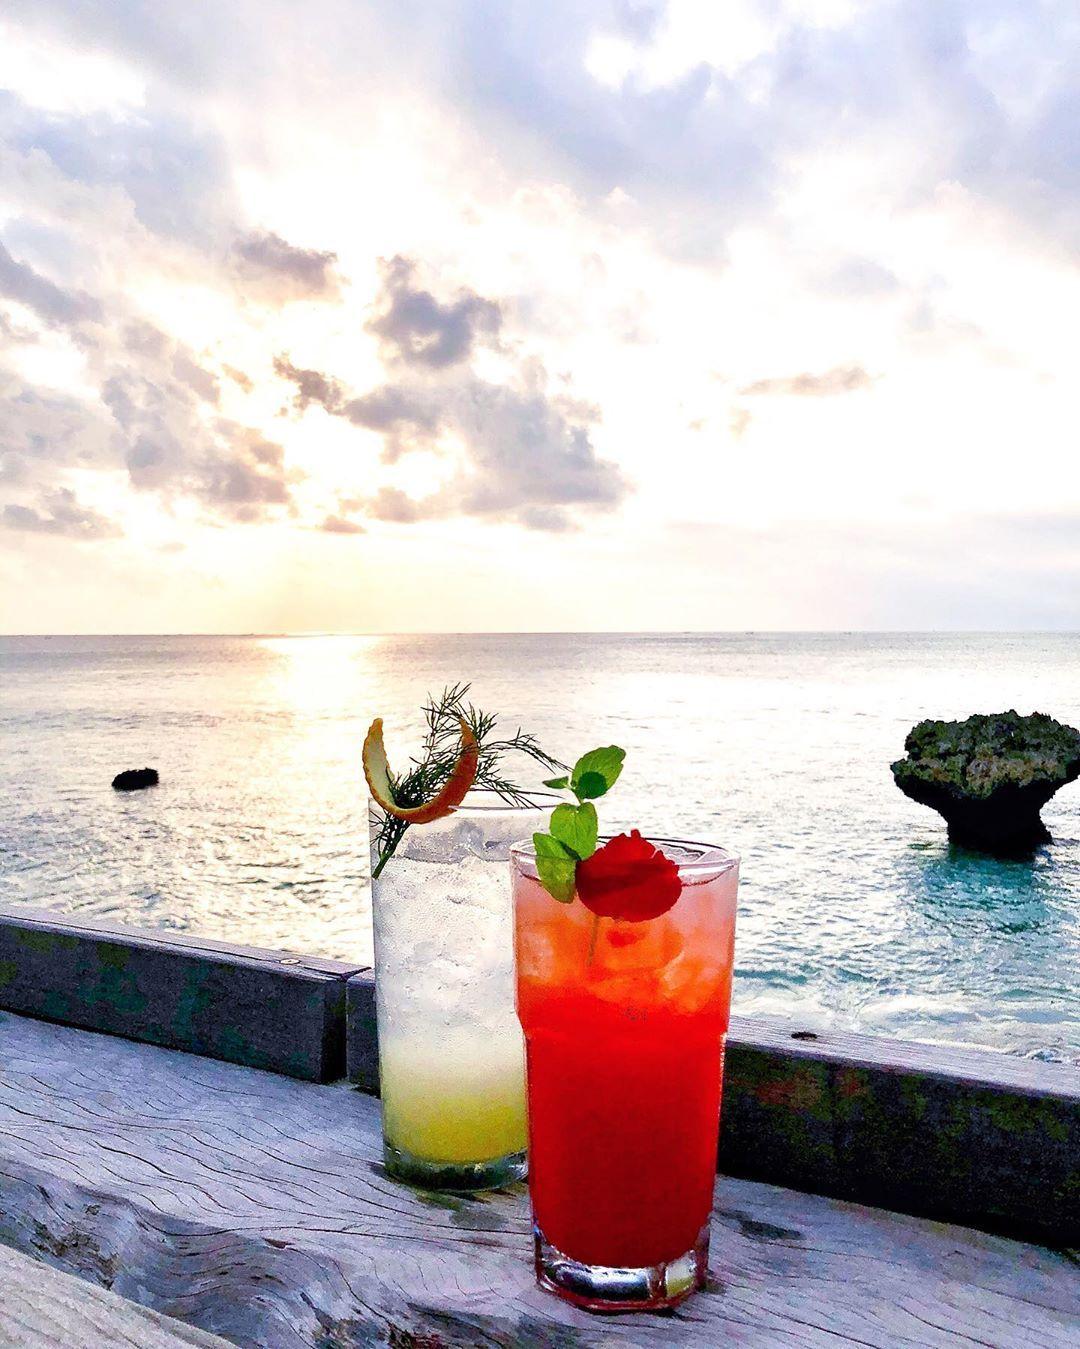 By the sea  ....   By the sea  . . Bali Indonesia  . . #bali #indonesia #travel #love #instagood #baliindonesia #photography #beach #balilife #nature #travelgram #ubud #indonesiaparadise #travelphotography #wanderlust #holiday #explorebali #instatravel #vacation #beautiful #sunset #summer #travelblogger #lukalbum #travelling #instagram #photoindonesia #adventure #canggu #indonesiaindah